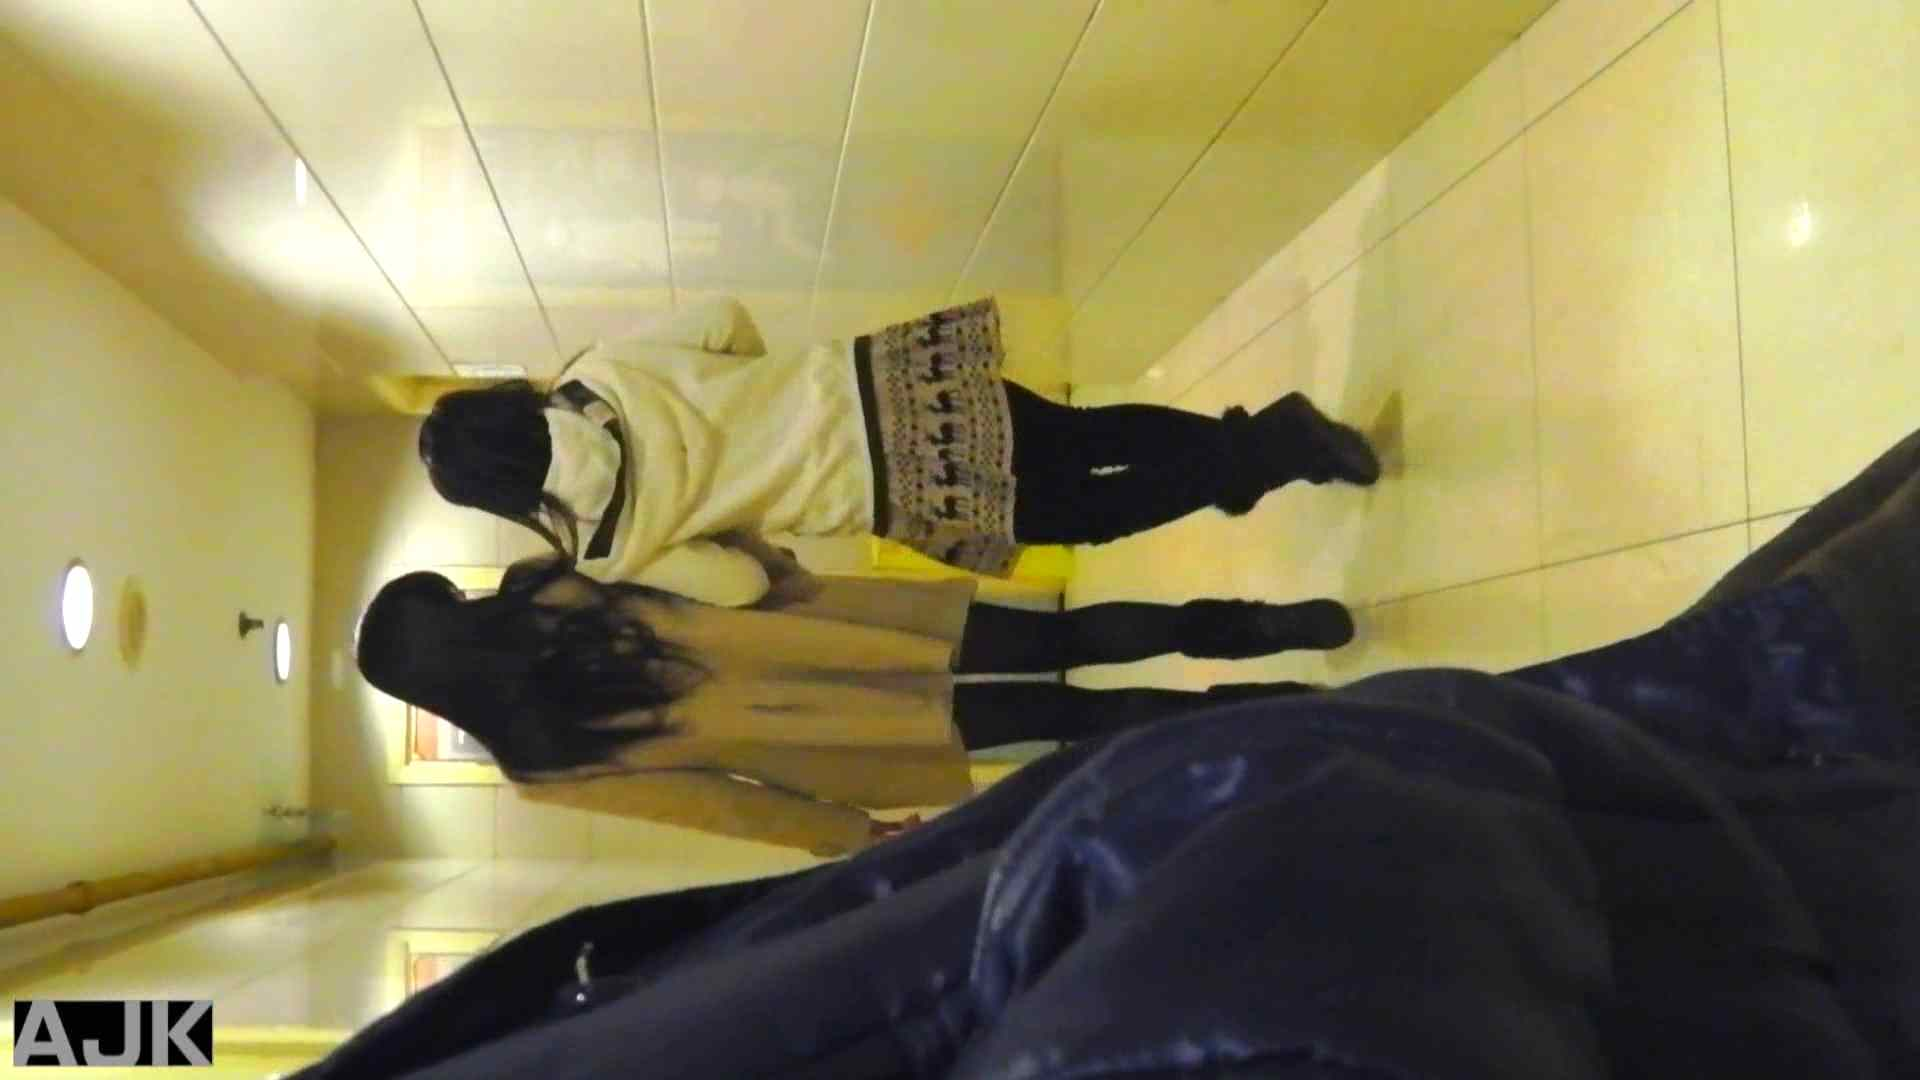 神降臨!史上最強の潜入かわや! vol.02 盗撮師作品 ヌード画像 103pic 10